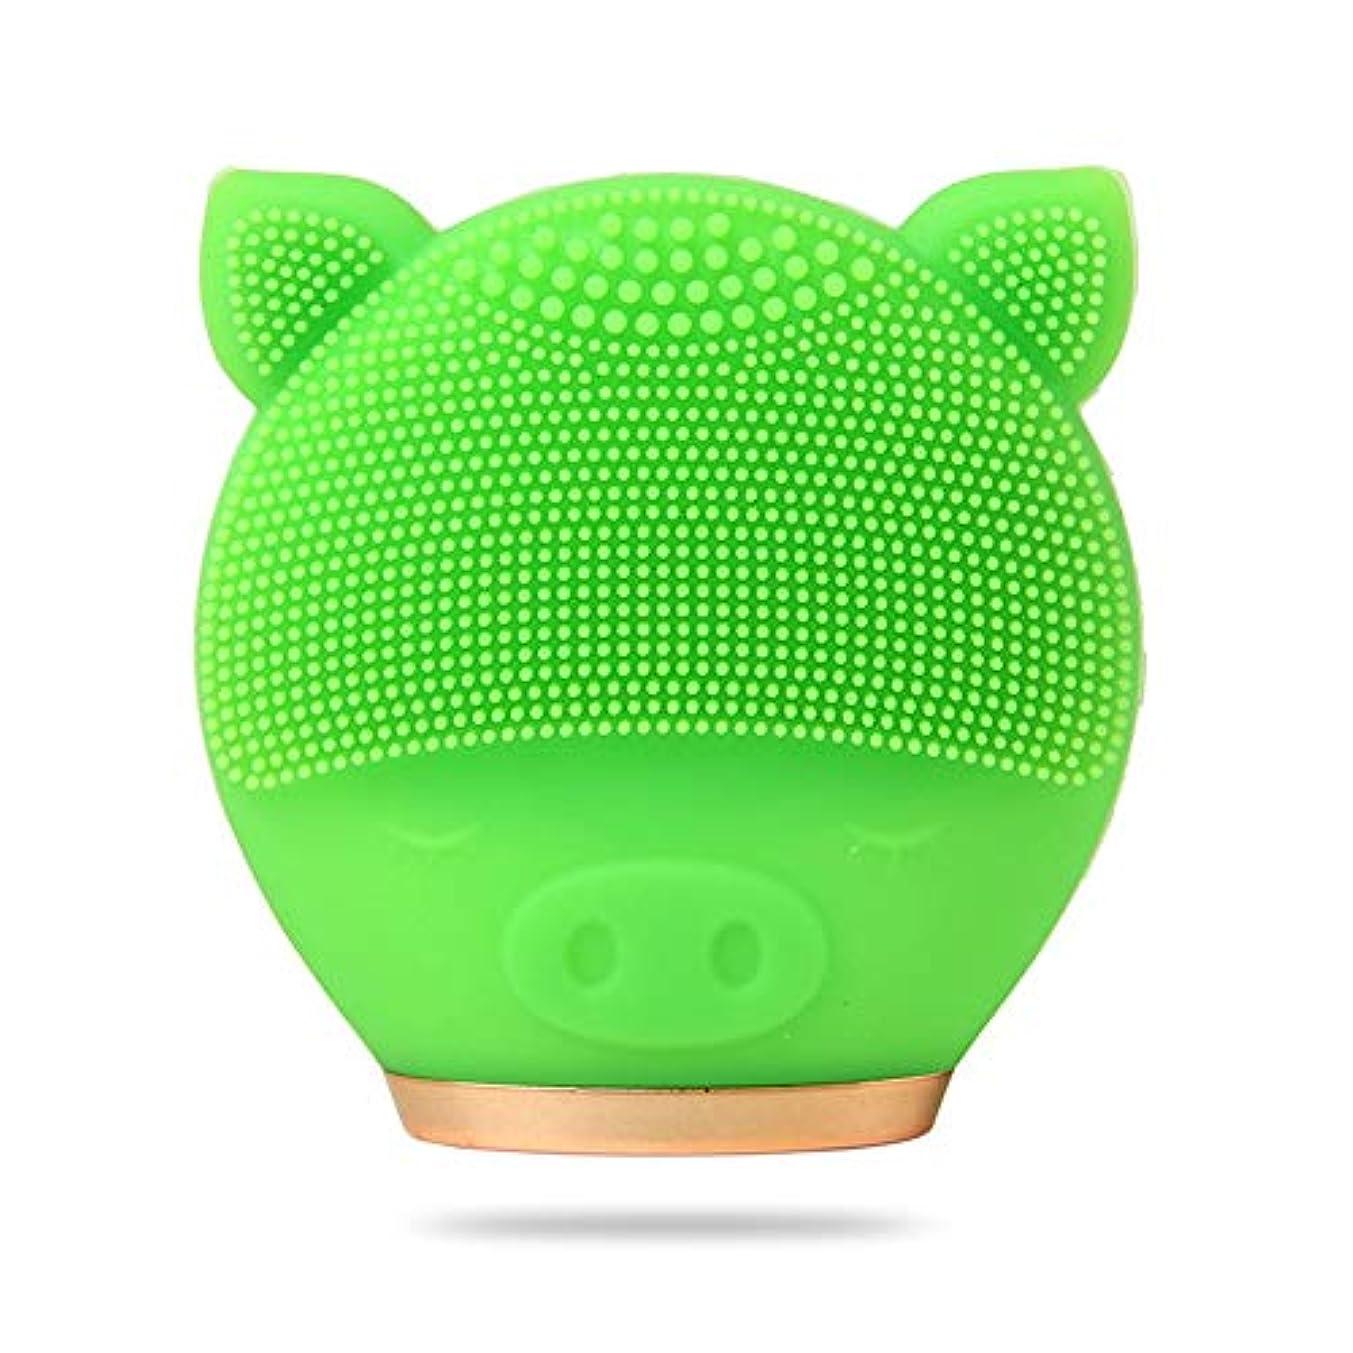 ぶら下がる喜びミスZXF 新しい豚モデル電気クレンジング楽器シリコーン超音波振動洗浄顔顔毛穴クリーナー美容器具 滑らかである (色 : Green)